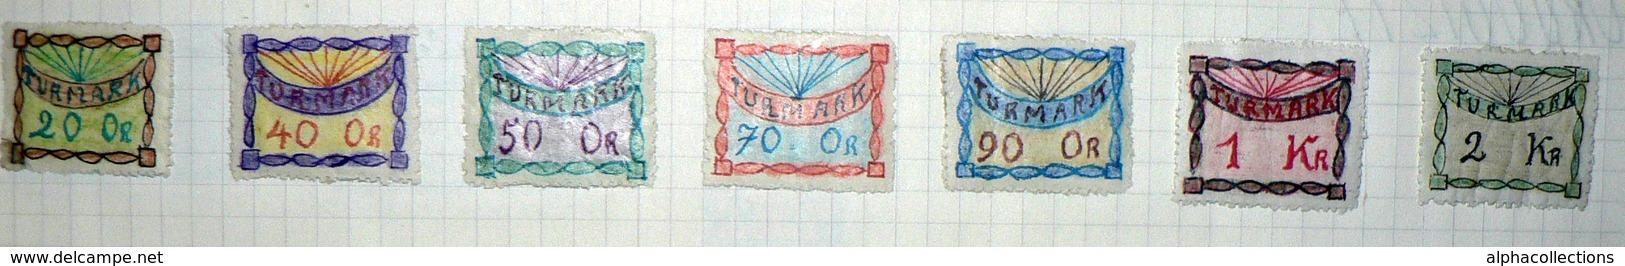 """TIMBRES DE FANTAISIE - Env. 260 Différents. Faits """"main"""". Pays Improbables : ARAGNE, VORSOLAVIA, CAPRILANDE, ISMERIE.... - Timbres"""